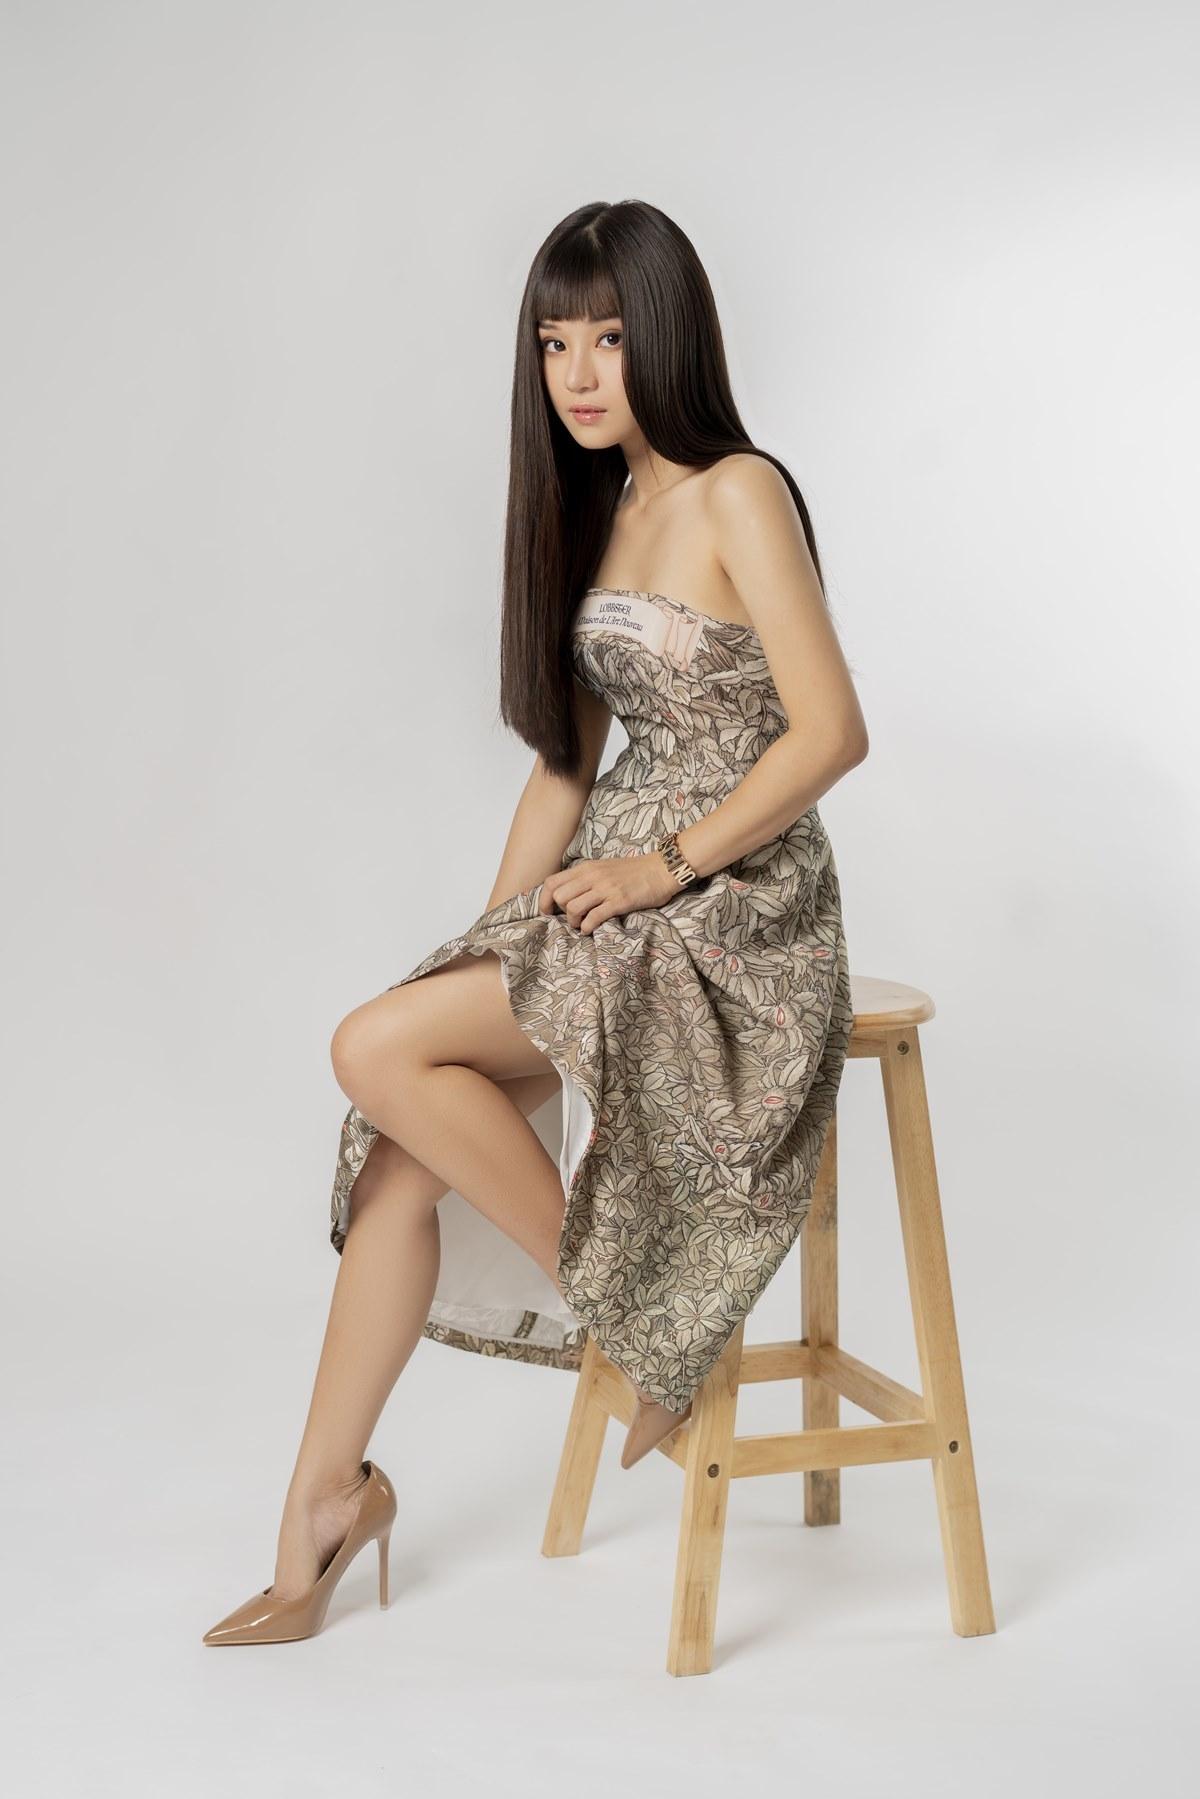 Hoàng Yến Chibi làm phim tài liệu về 10 năm hoạt động nghệ thuật